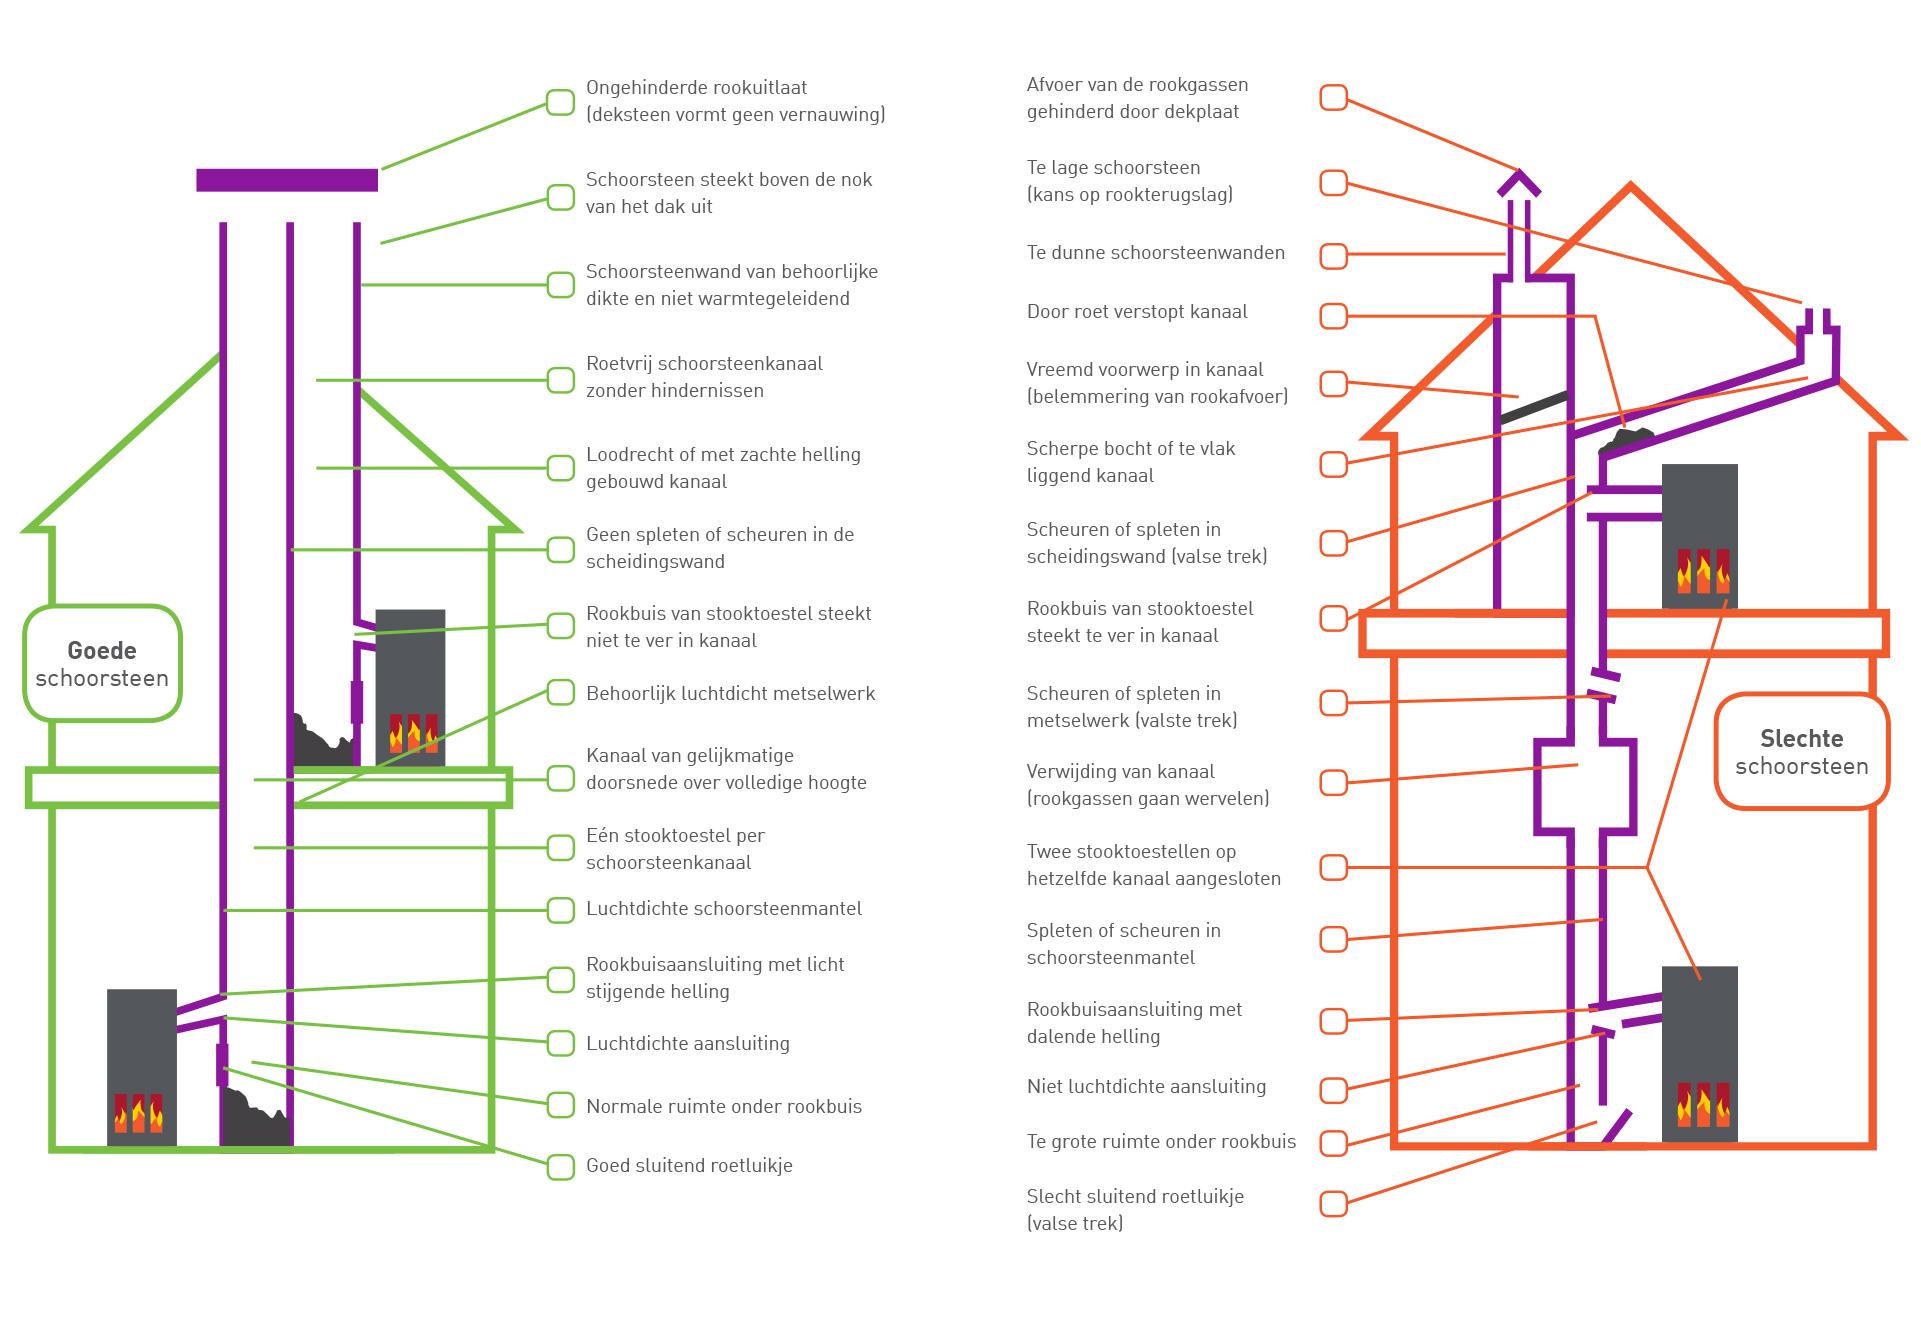 Zwarte Schimmel Slaapkamer : Het rookgasafvoerkanaal moet aangepast ...